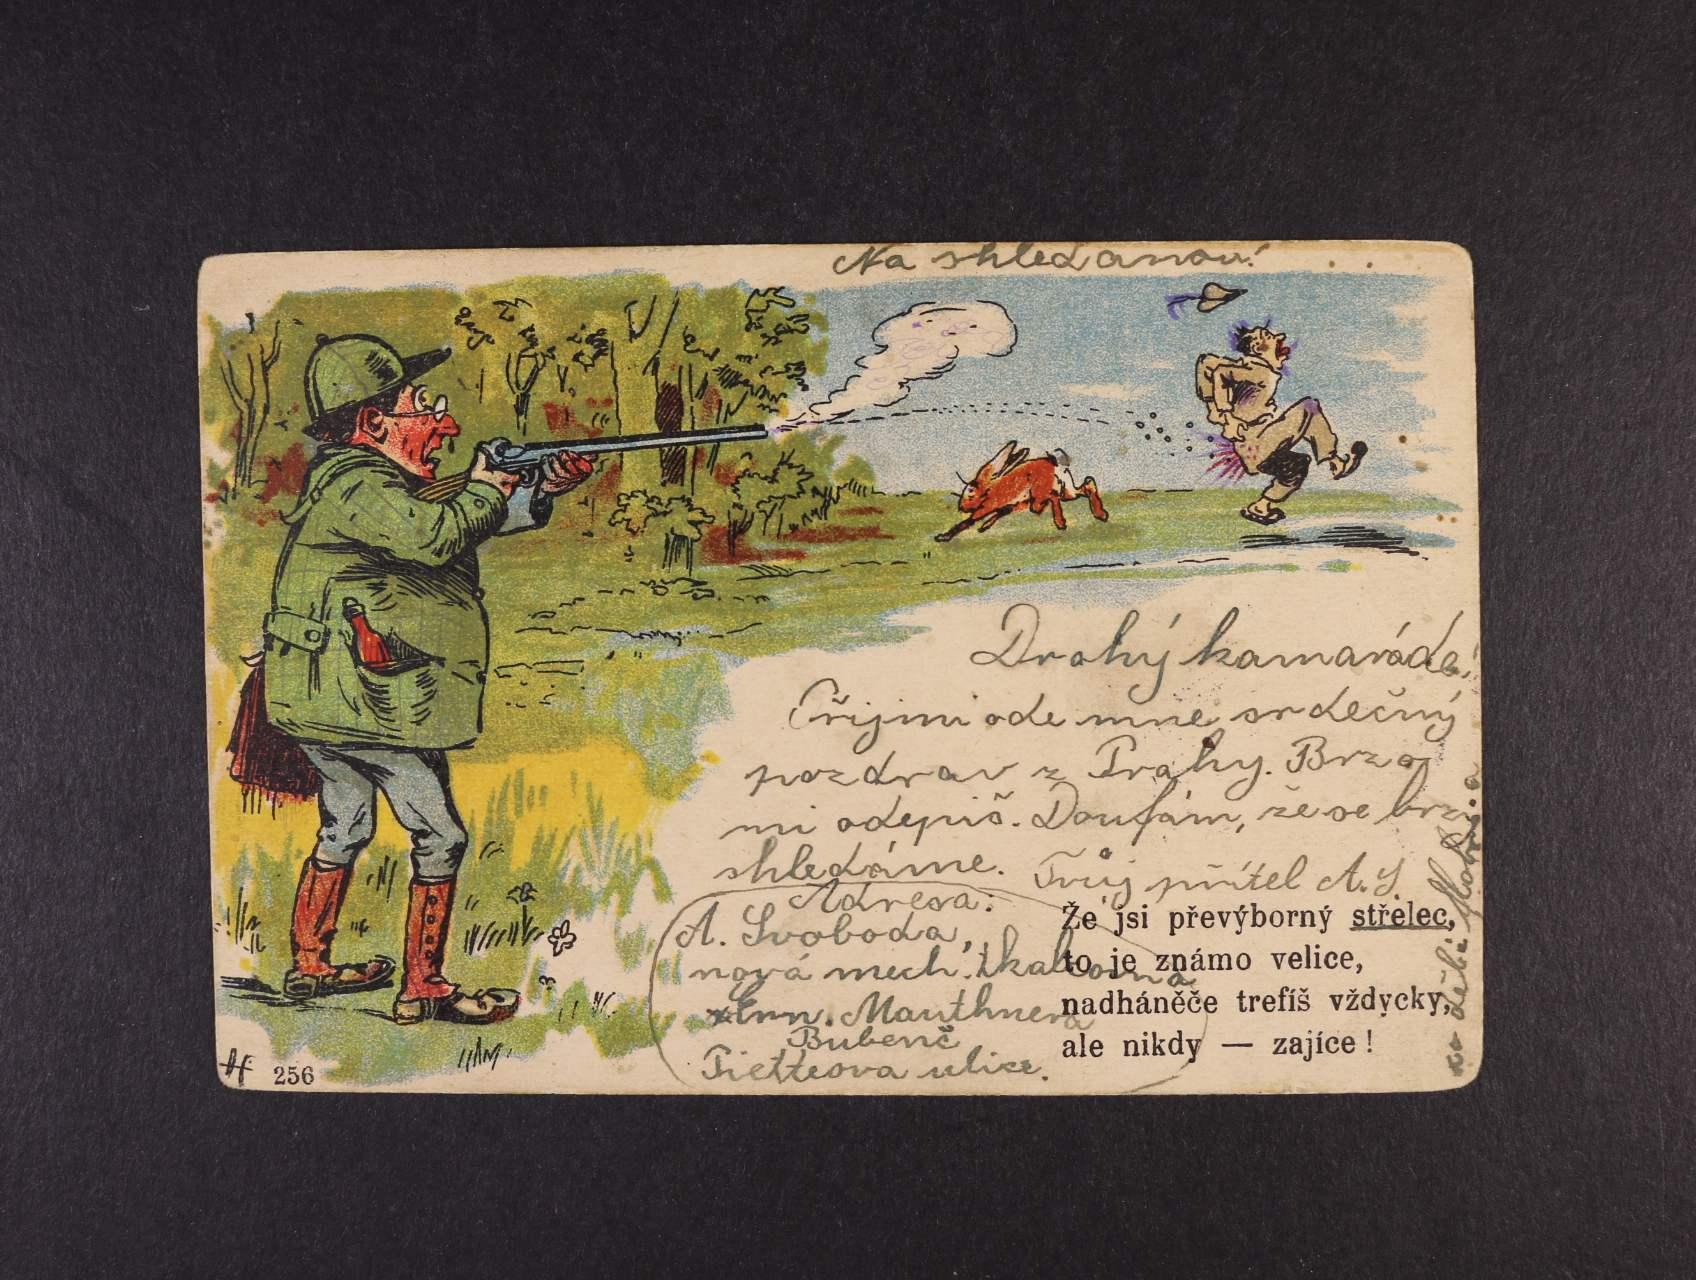 Šváb - bar. litograf. pohlednice č. 256 myslivecký motiv, použitá 1903